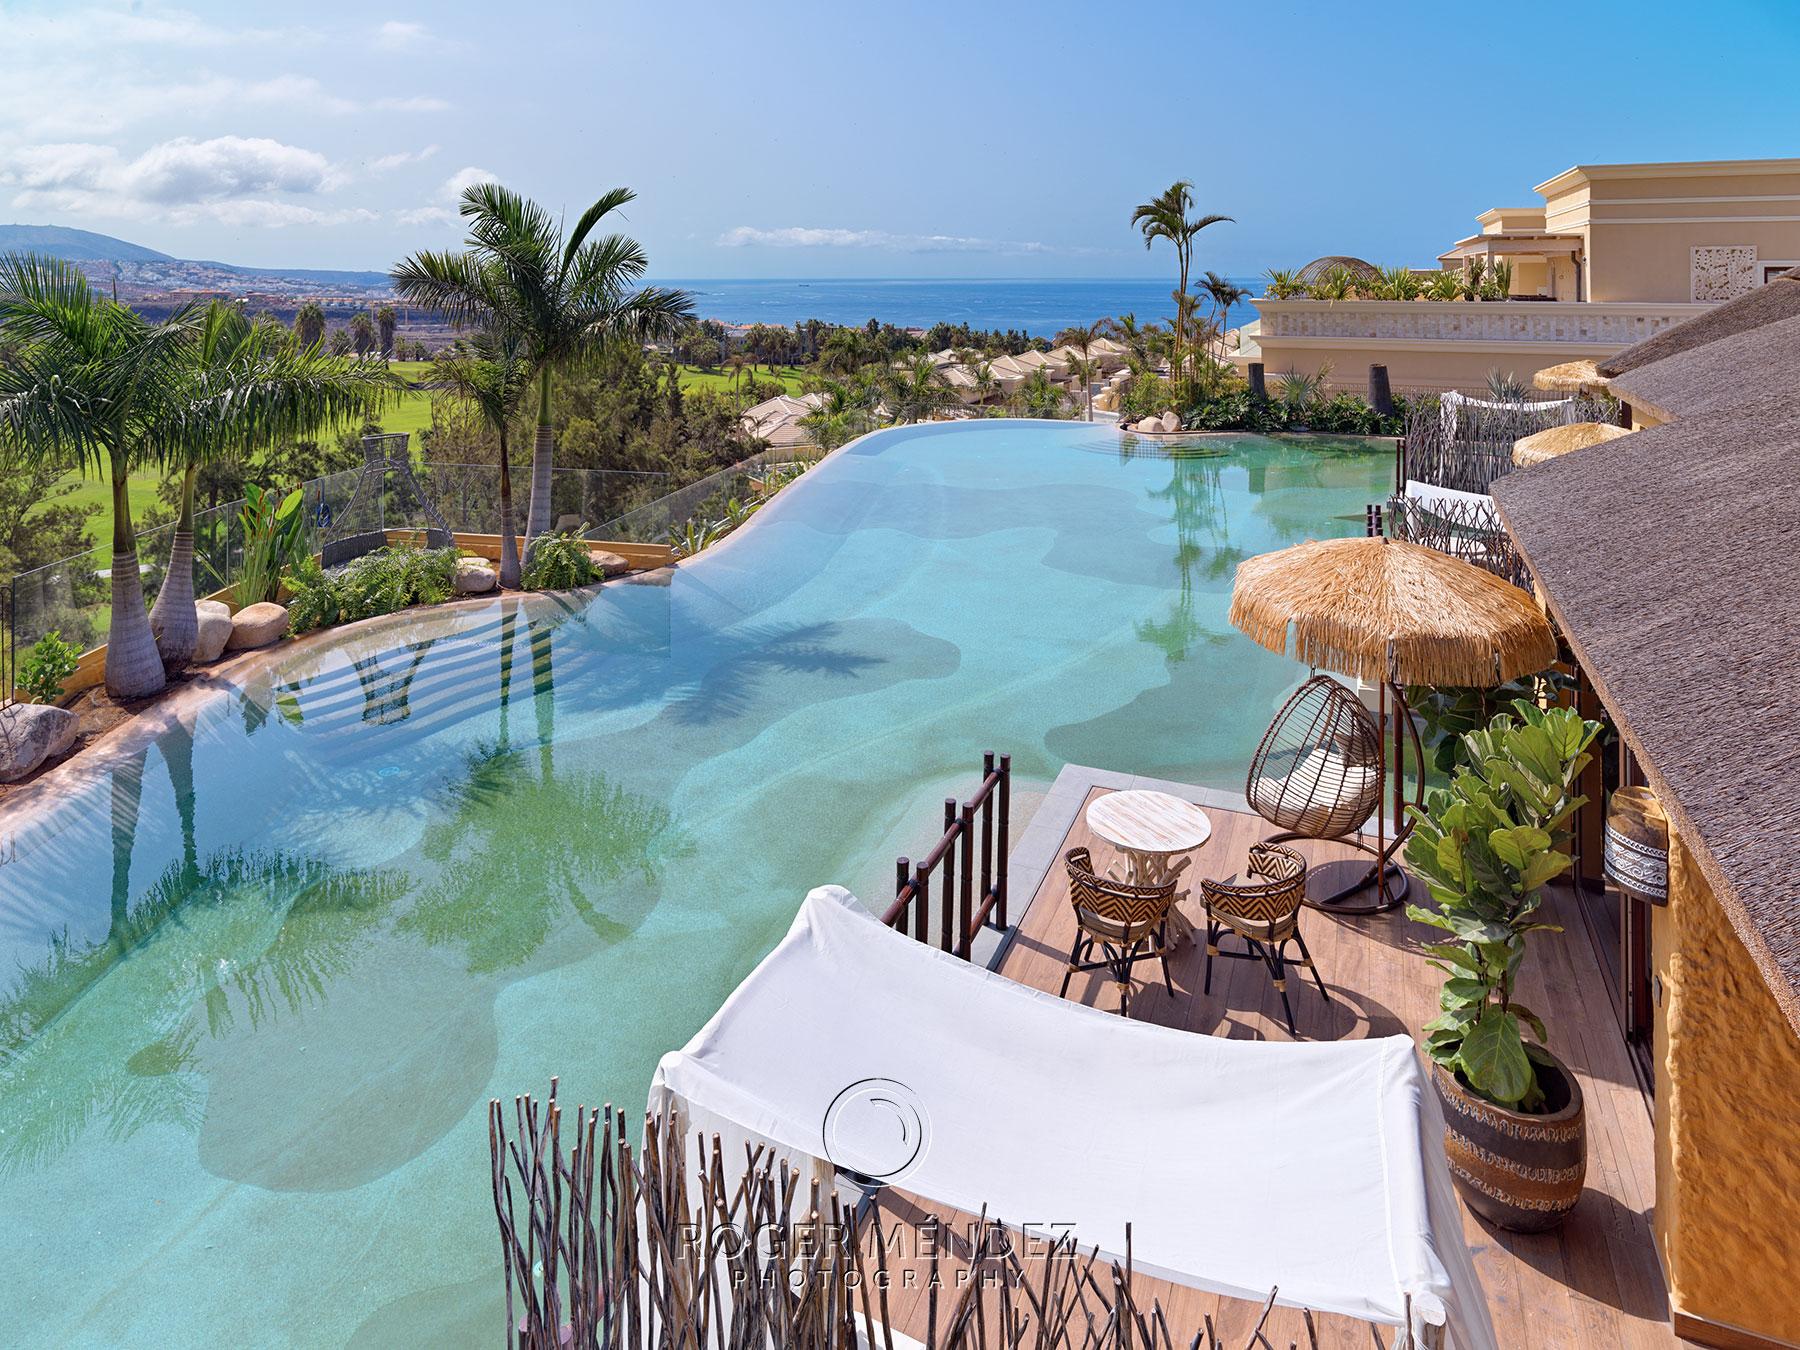 Toma de vista general de piscina Lagoon Villas con impresionantes vistas al Océano Atlántico del Royal River